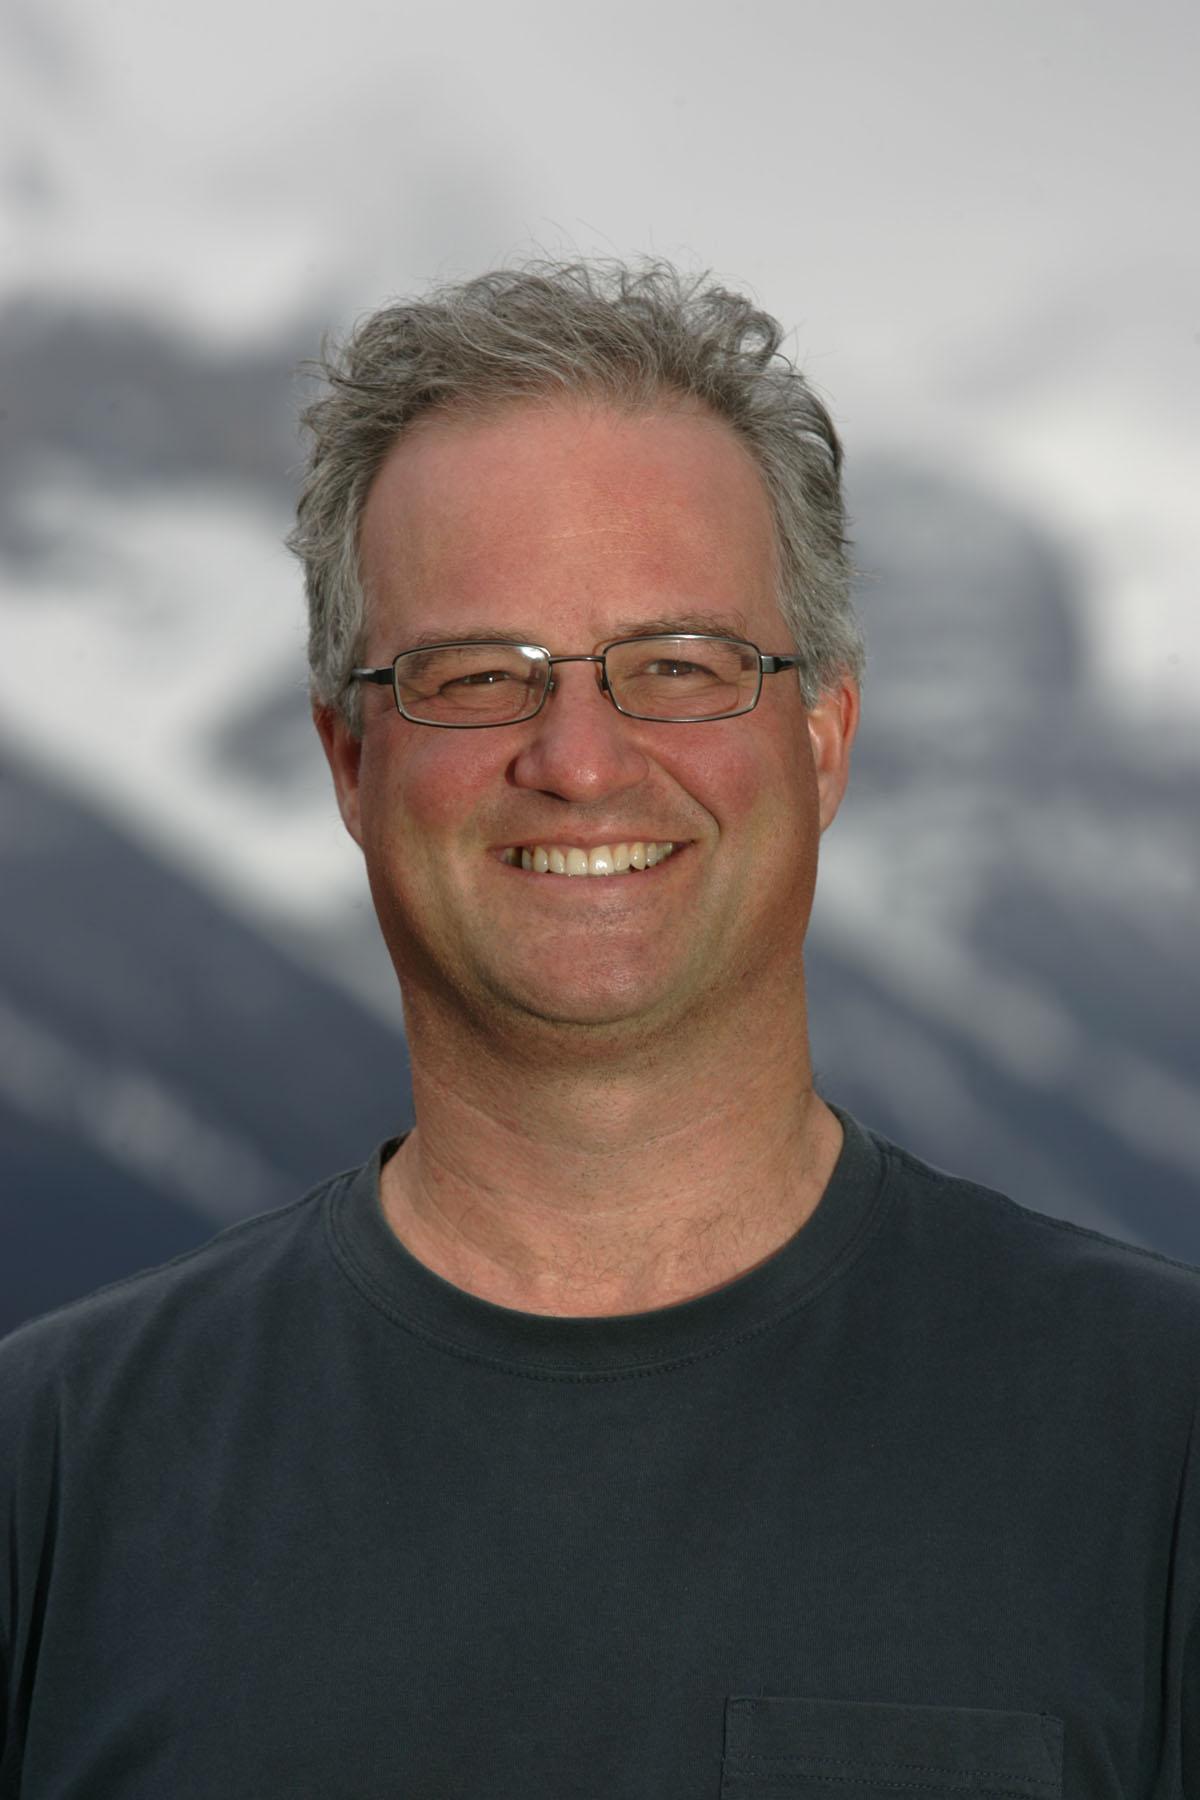 Stephen R Bown